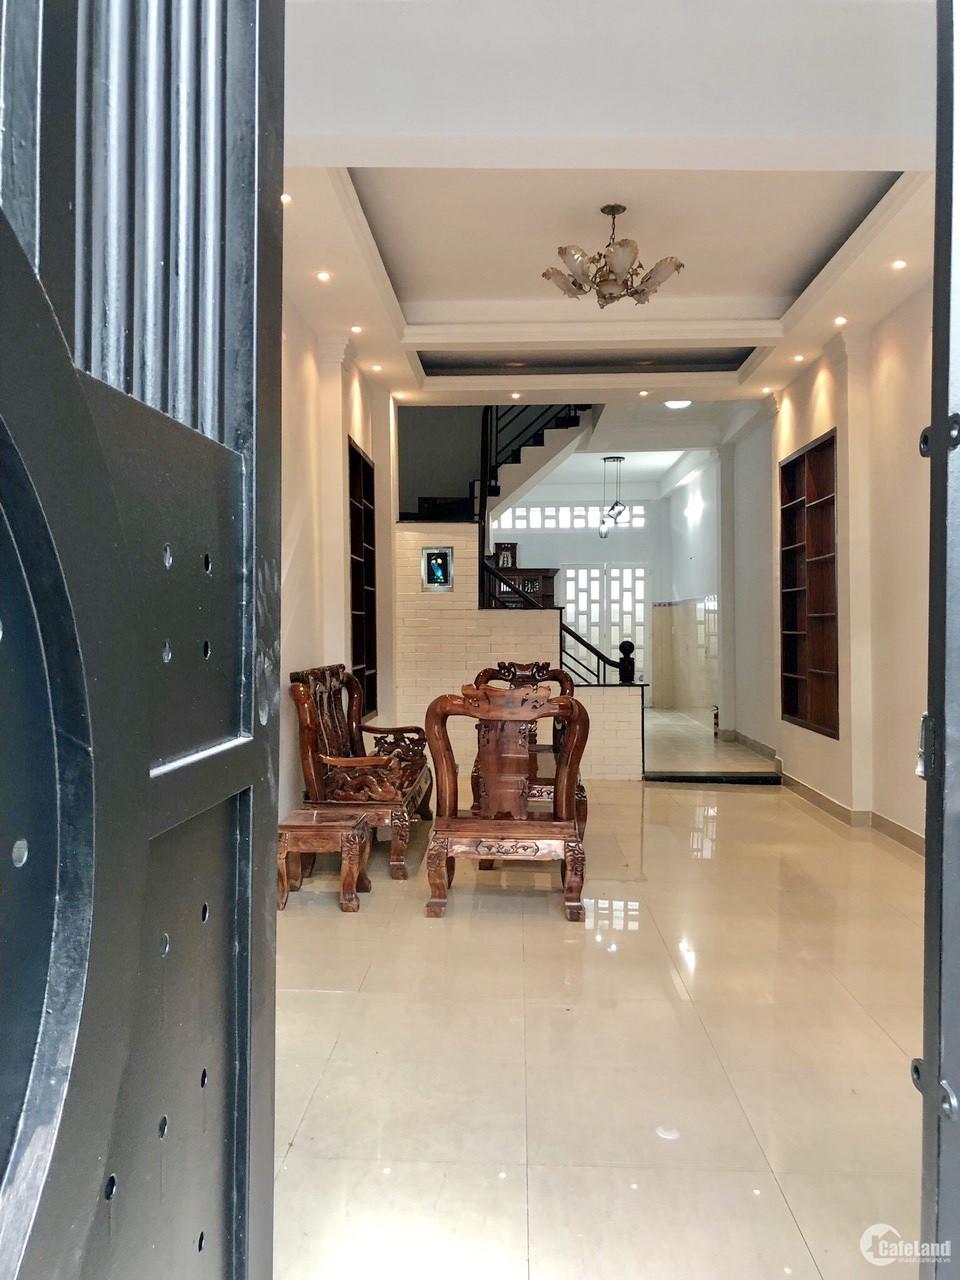 Bán nhà đẹp 3 tầng,sân thượng hẻm khu Nam Long-Trần Trọng Cung Quận 7